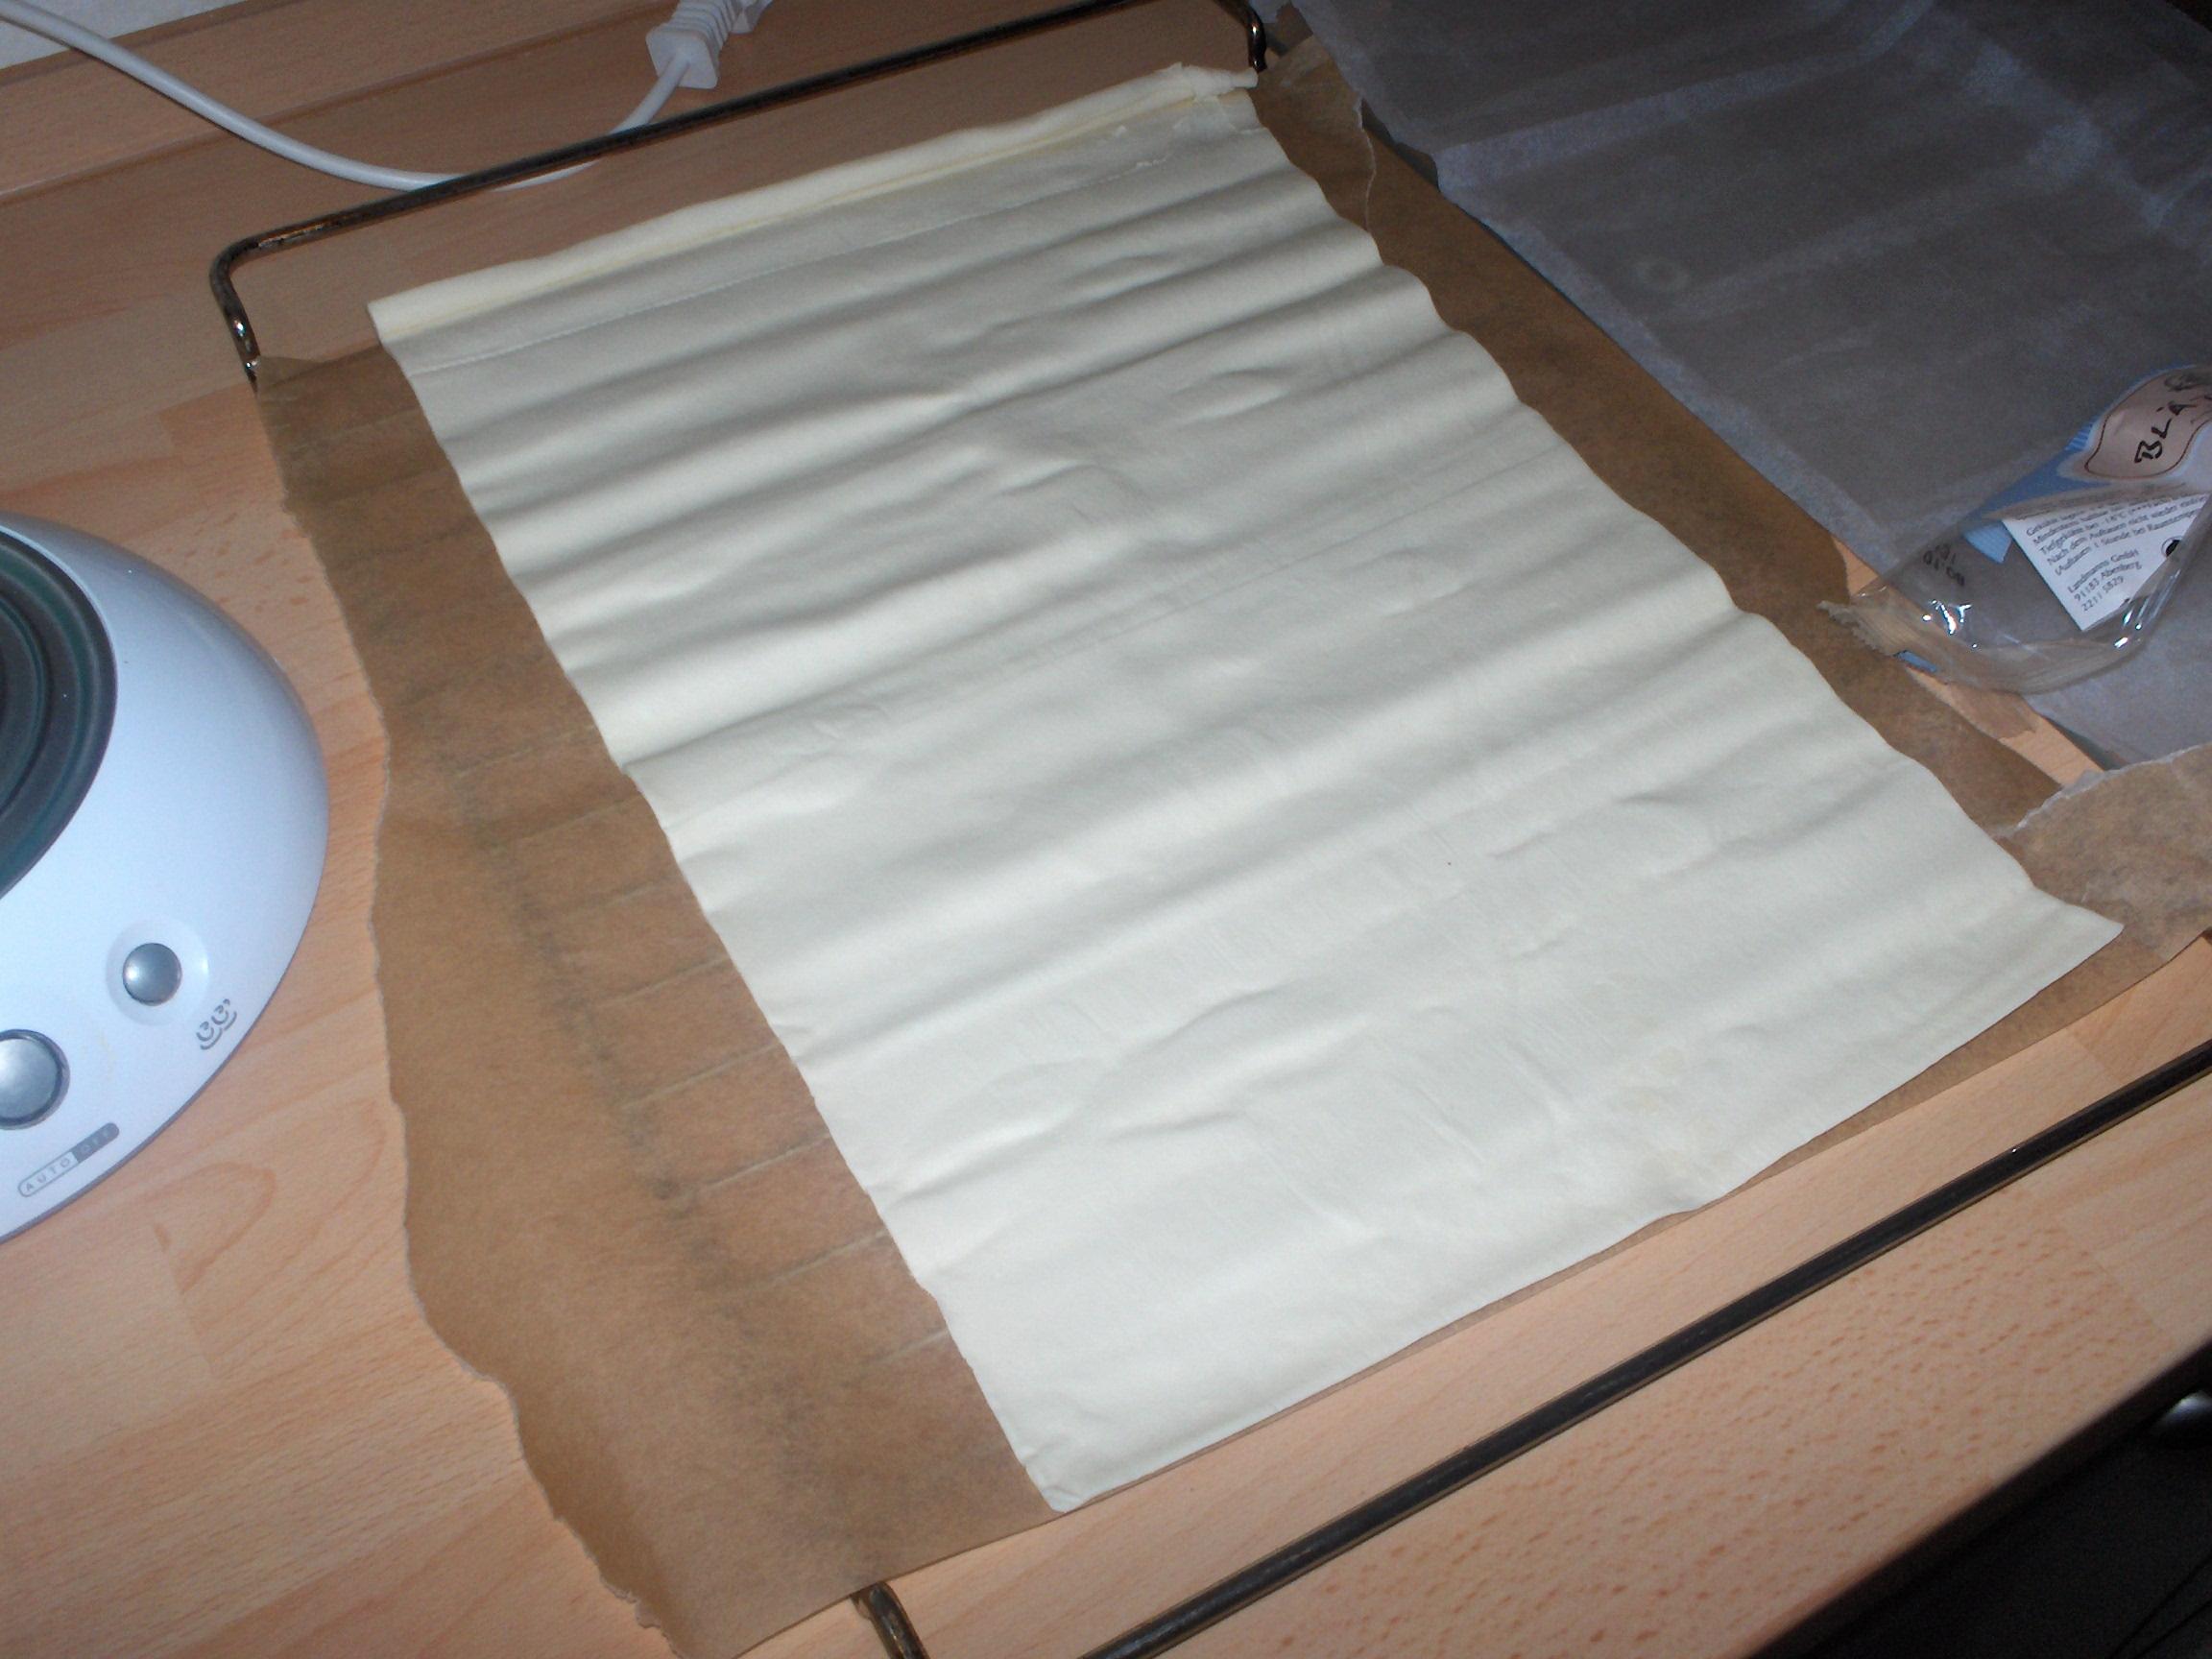 https://foodloader.net/s3Rax_2008-01-27_Kuchenvorbereitung.jpg